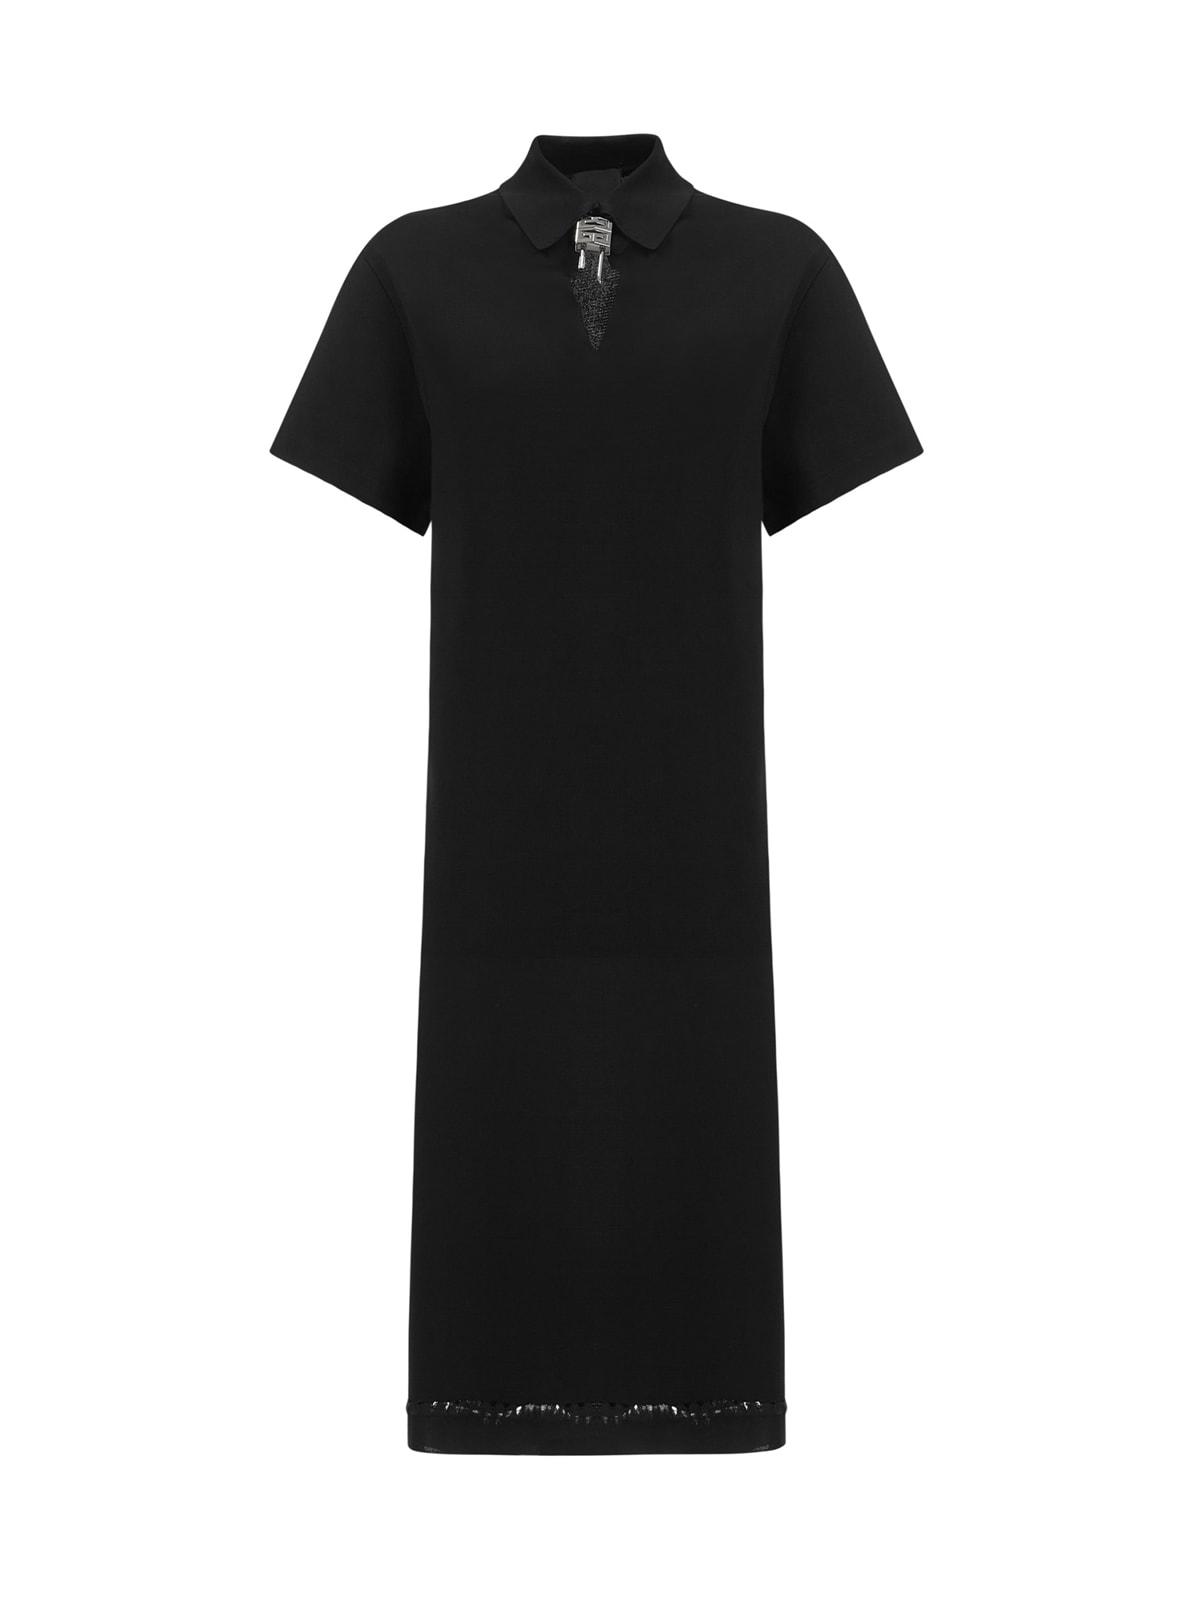 Givenchy Short Sleeves